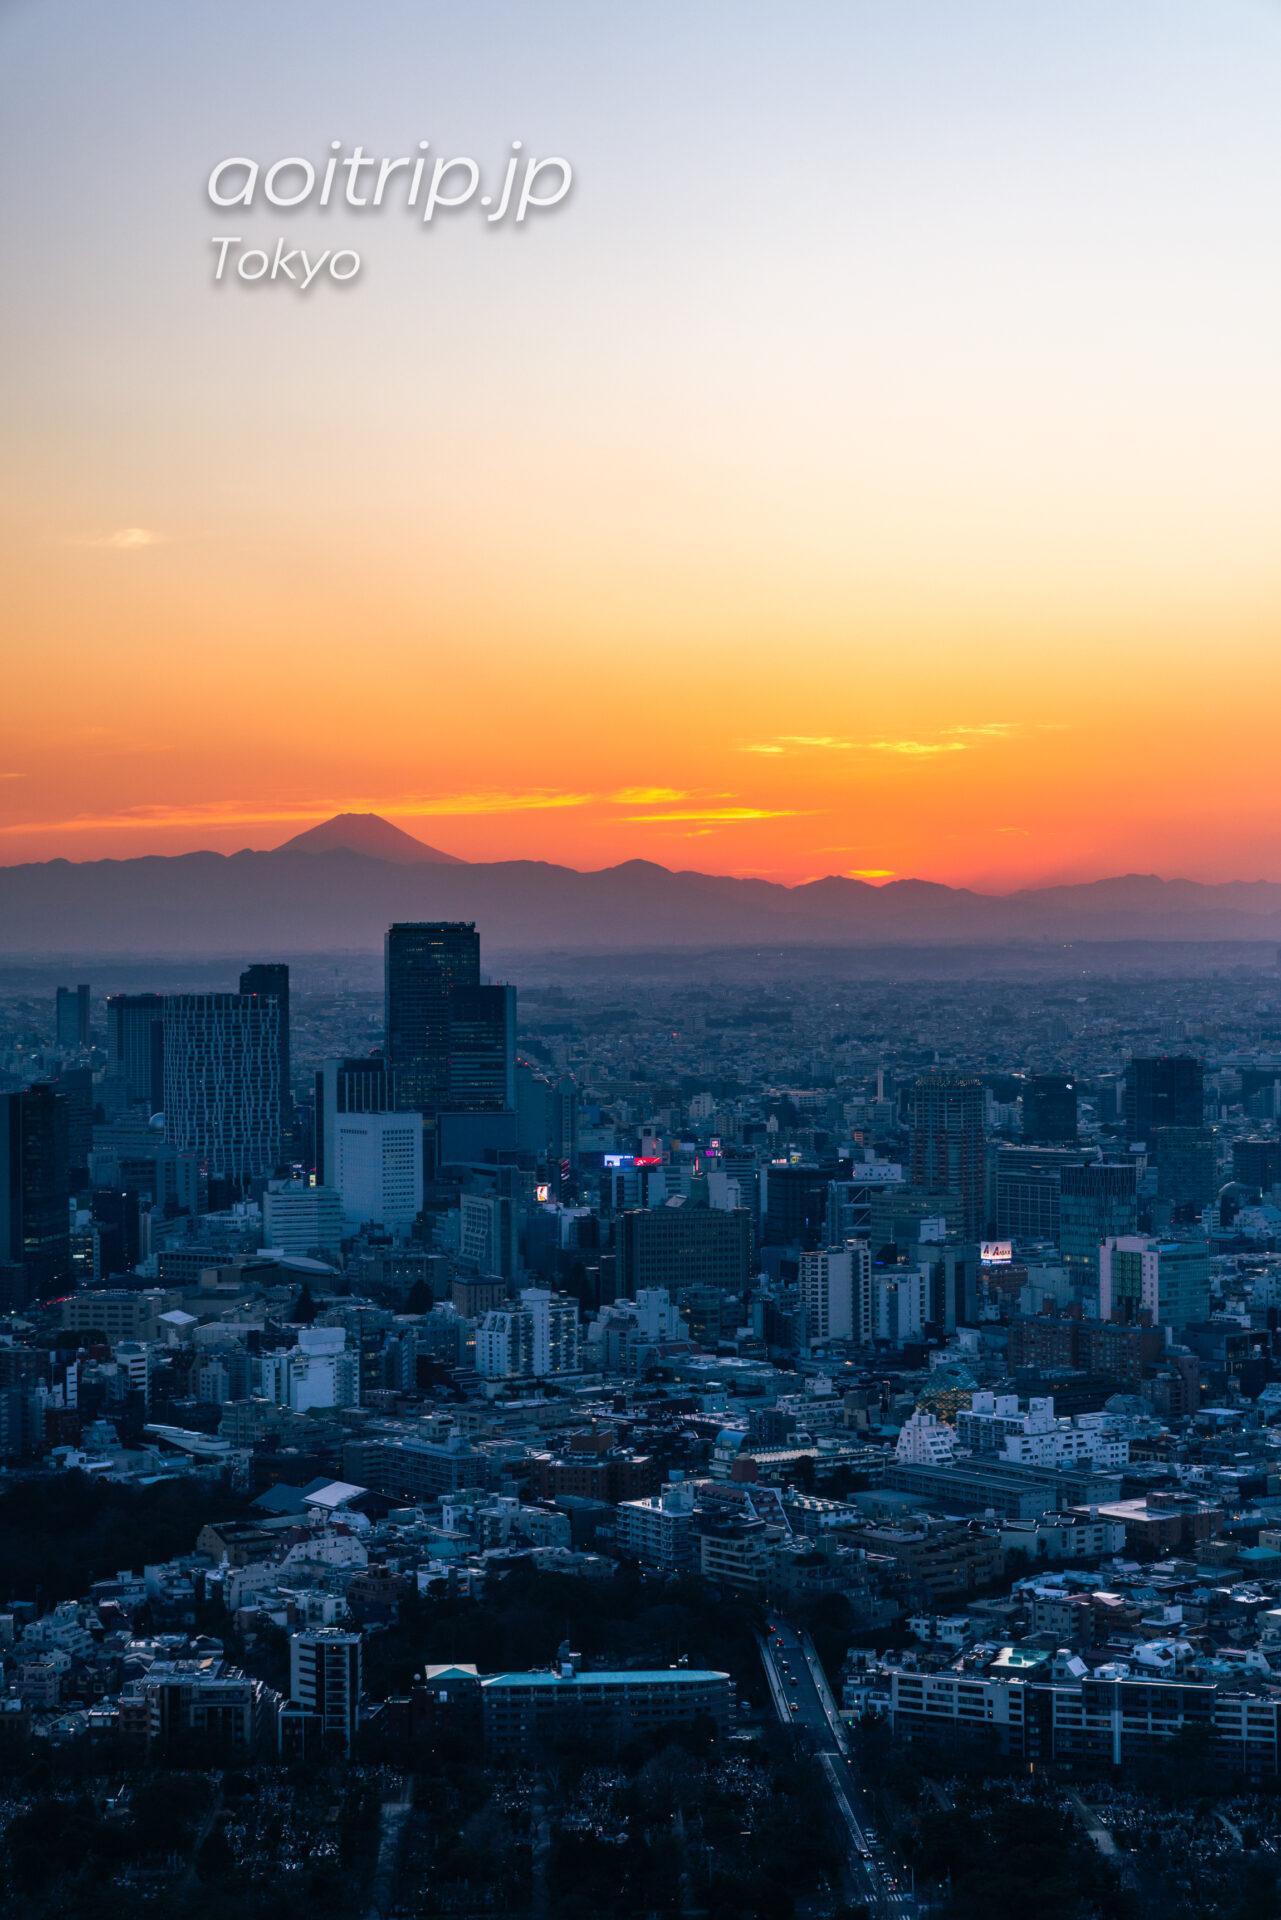 Tokyo Skyline ザ リッツカールトン東京から望む富士山と夕日